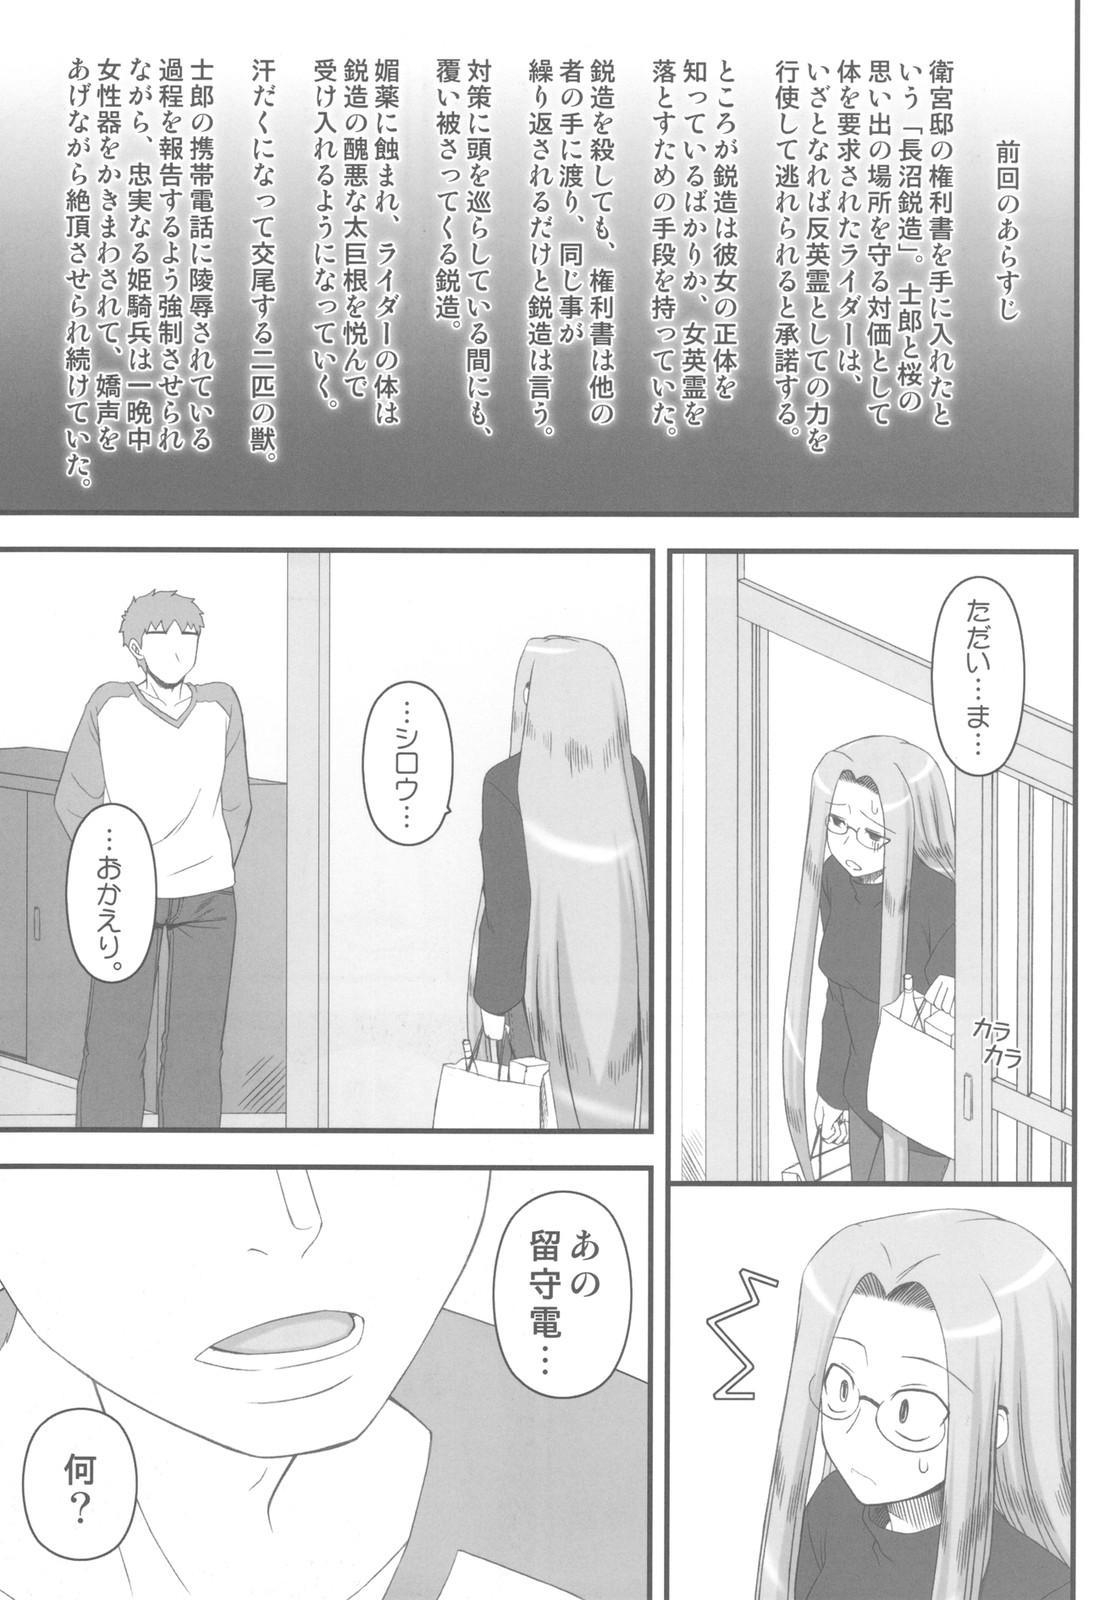 (C78) [Gachinko Shobou (Kobanya Koban)] Netorareta Hime Kihei ~Ni no Kusari~ (Fate/stay night)+Comic Treasure Omake hon 2